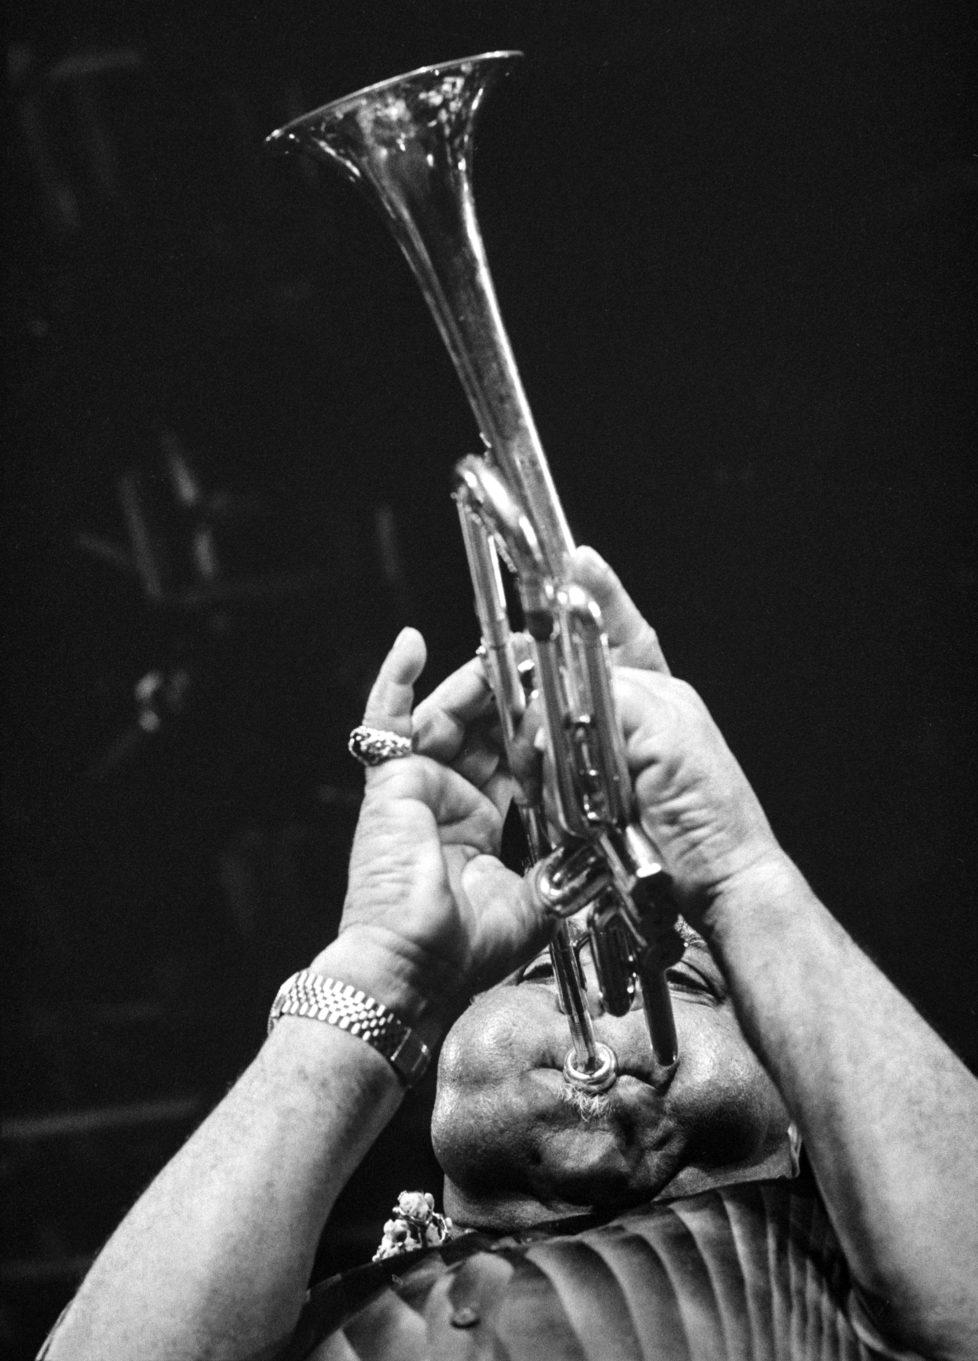 Der amerikanische Jazztrompeter Dizzy Gillespie (1917-1993 spielt auf seiner Spezialtrompete am Montreux Jazz Festival. Aufgenommen am 13. Juli 1987. (KEYSTONE/Jean-Guy Python)